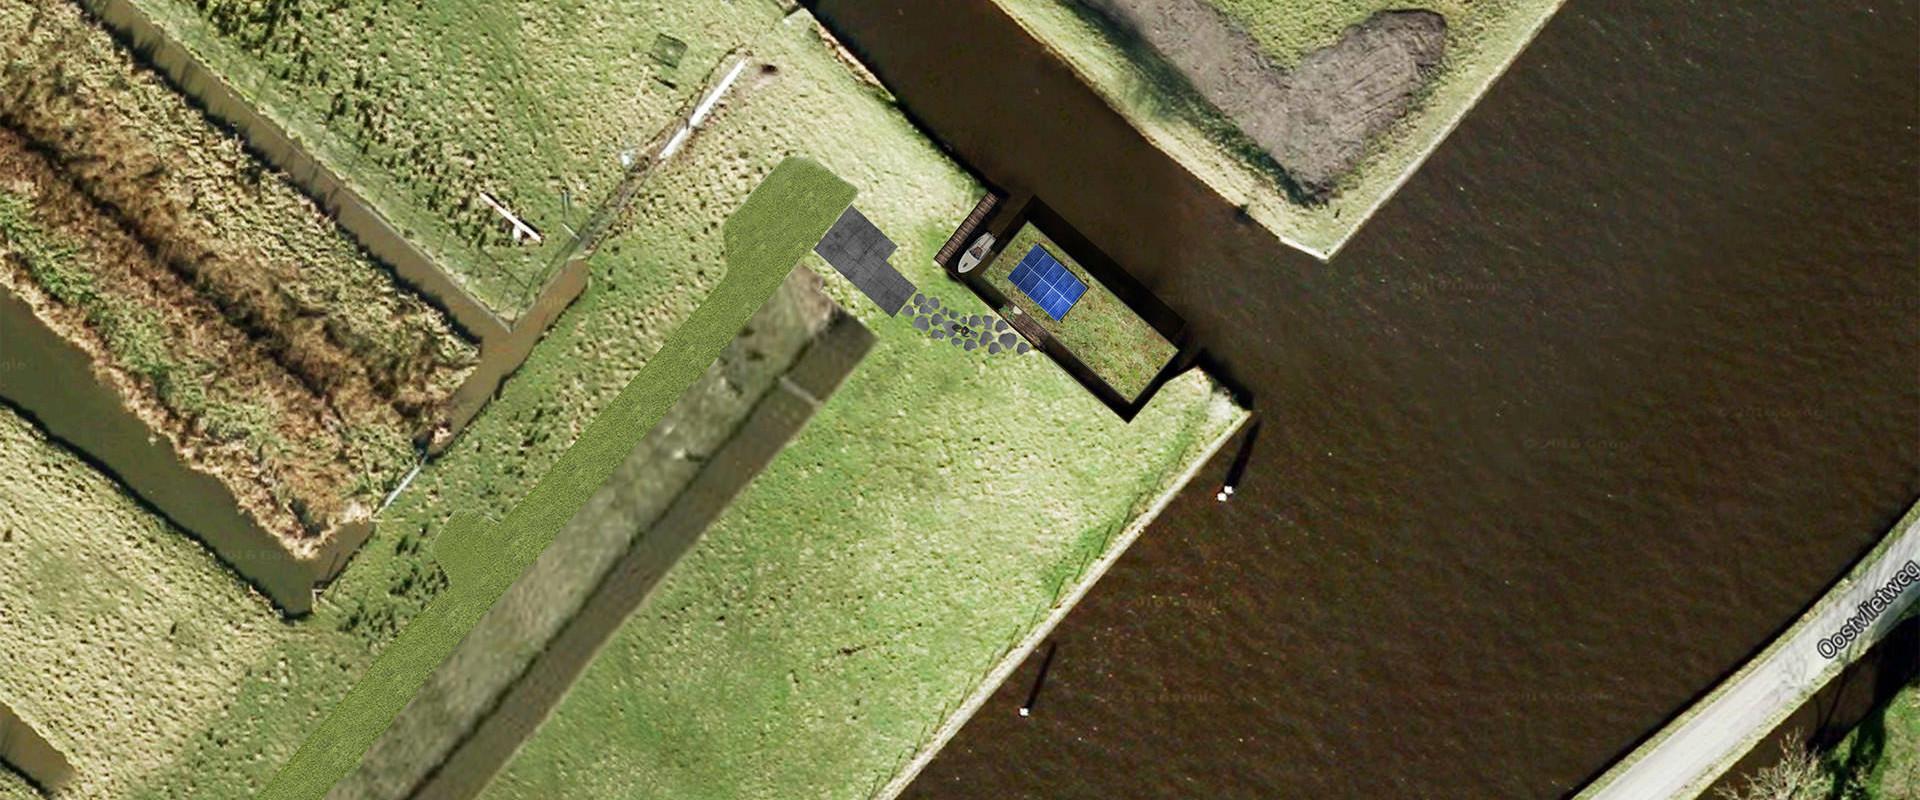 170425 Kniplaan luchtfoto topiew met ontwerp